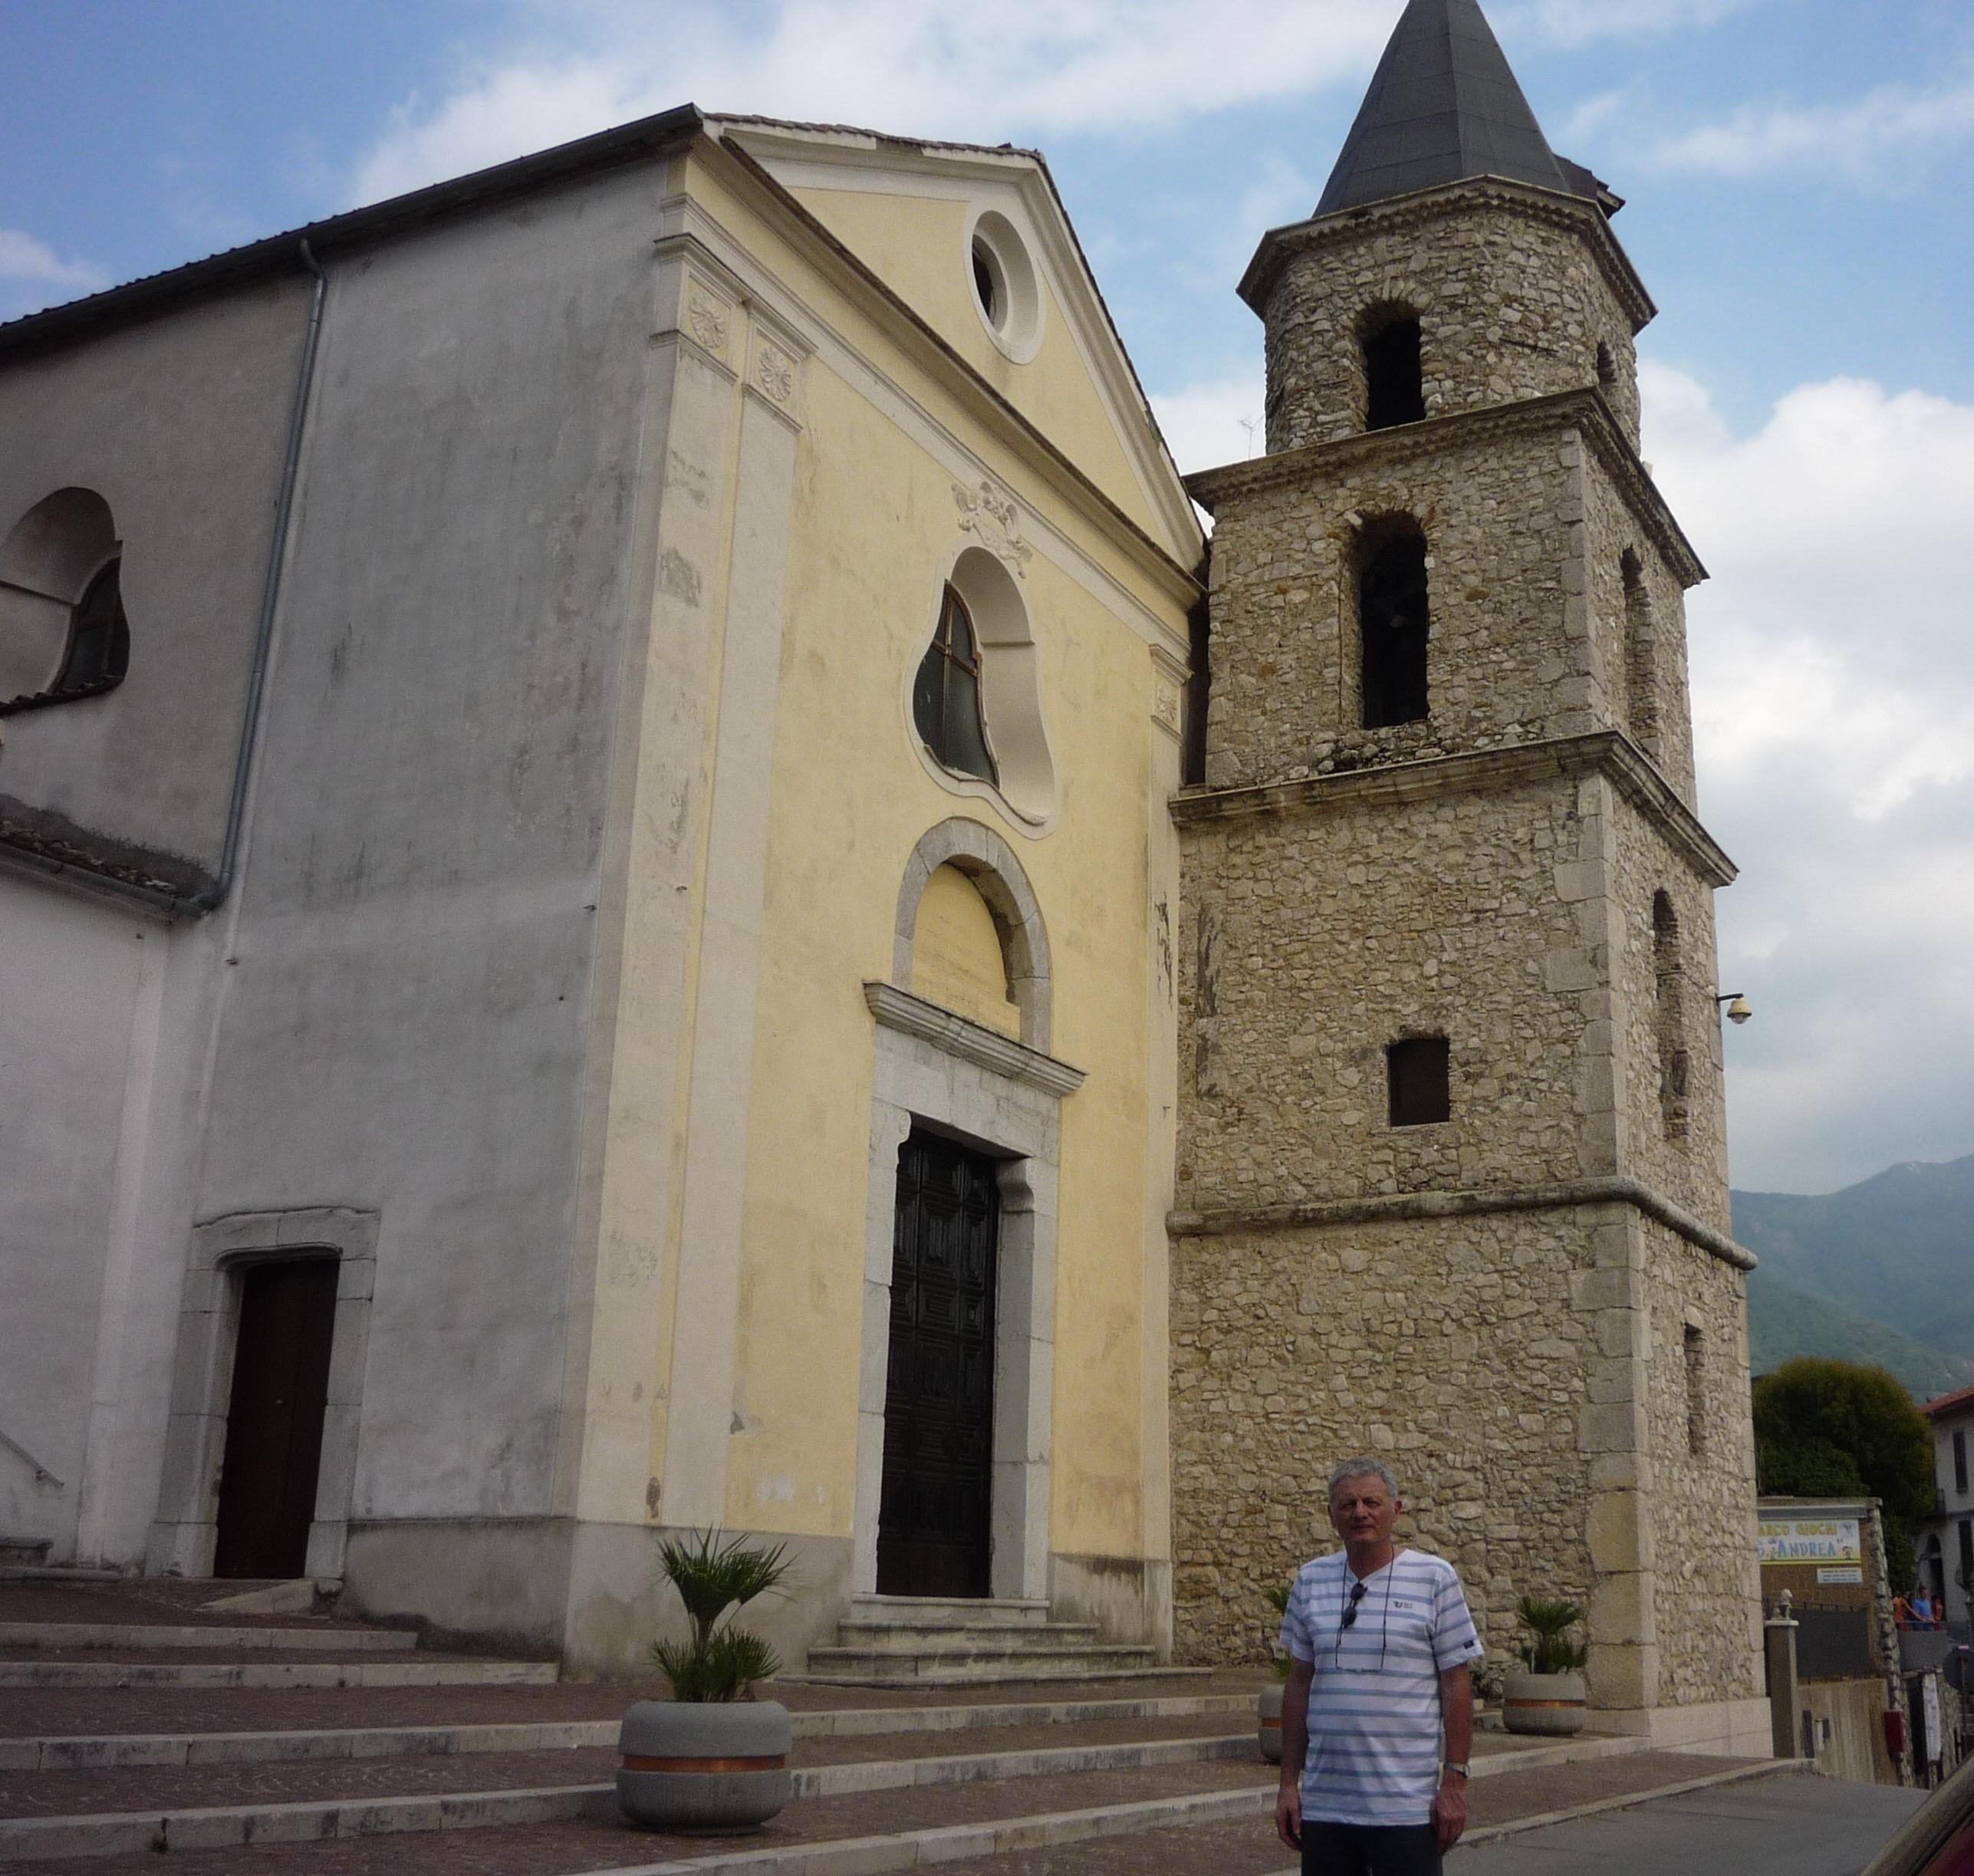 Vicente nella chiesa di Solofra. Intervista a Vicente D'Urso